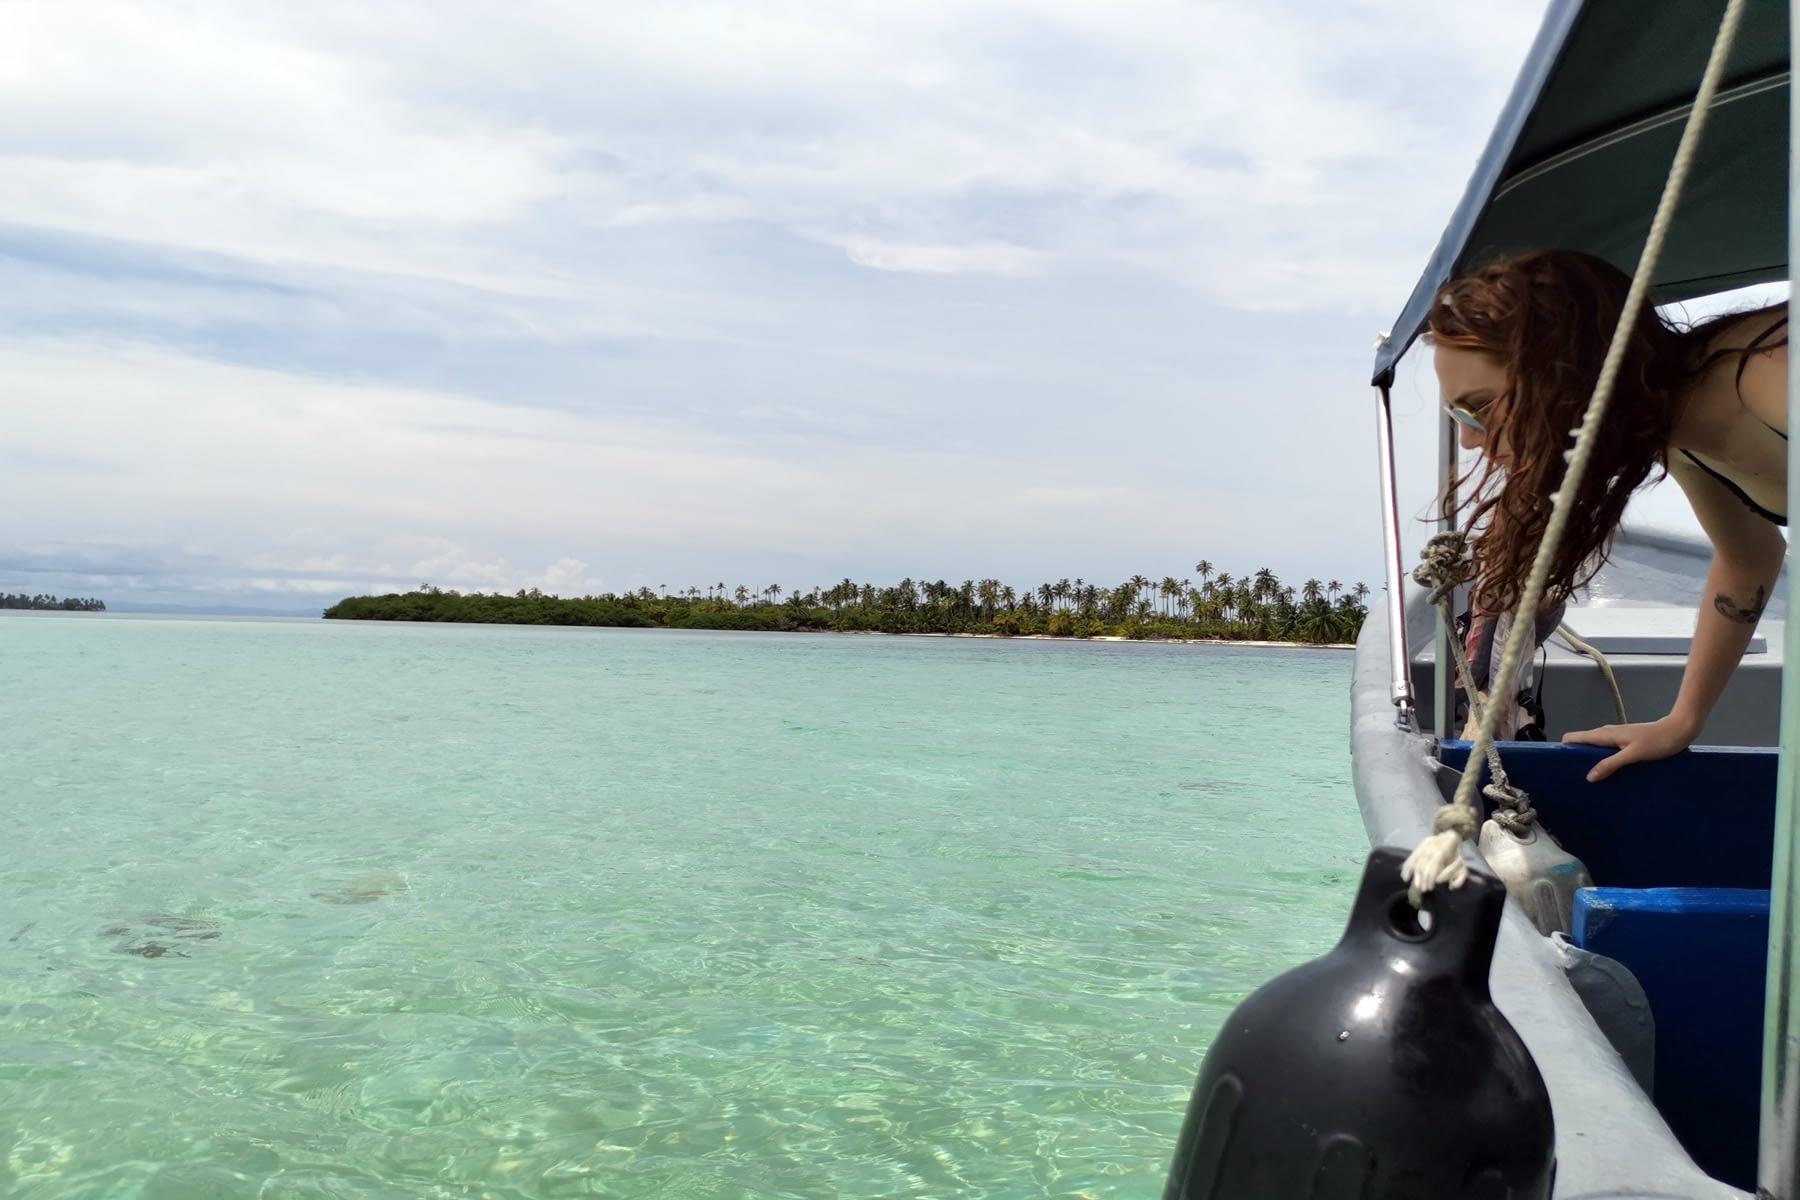 Llegando en el barco a las piscina en la isla Gaimaudubgan